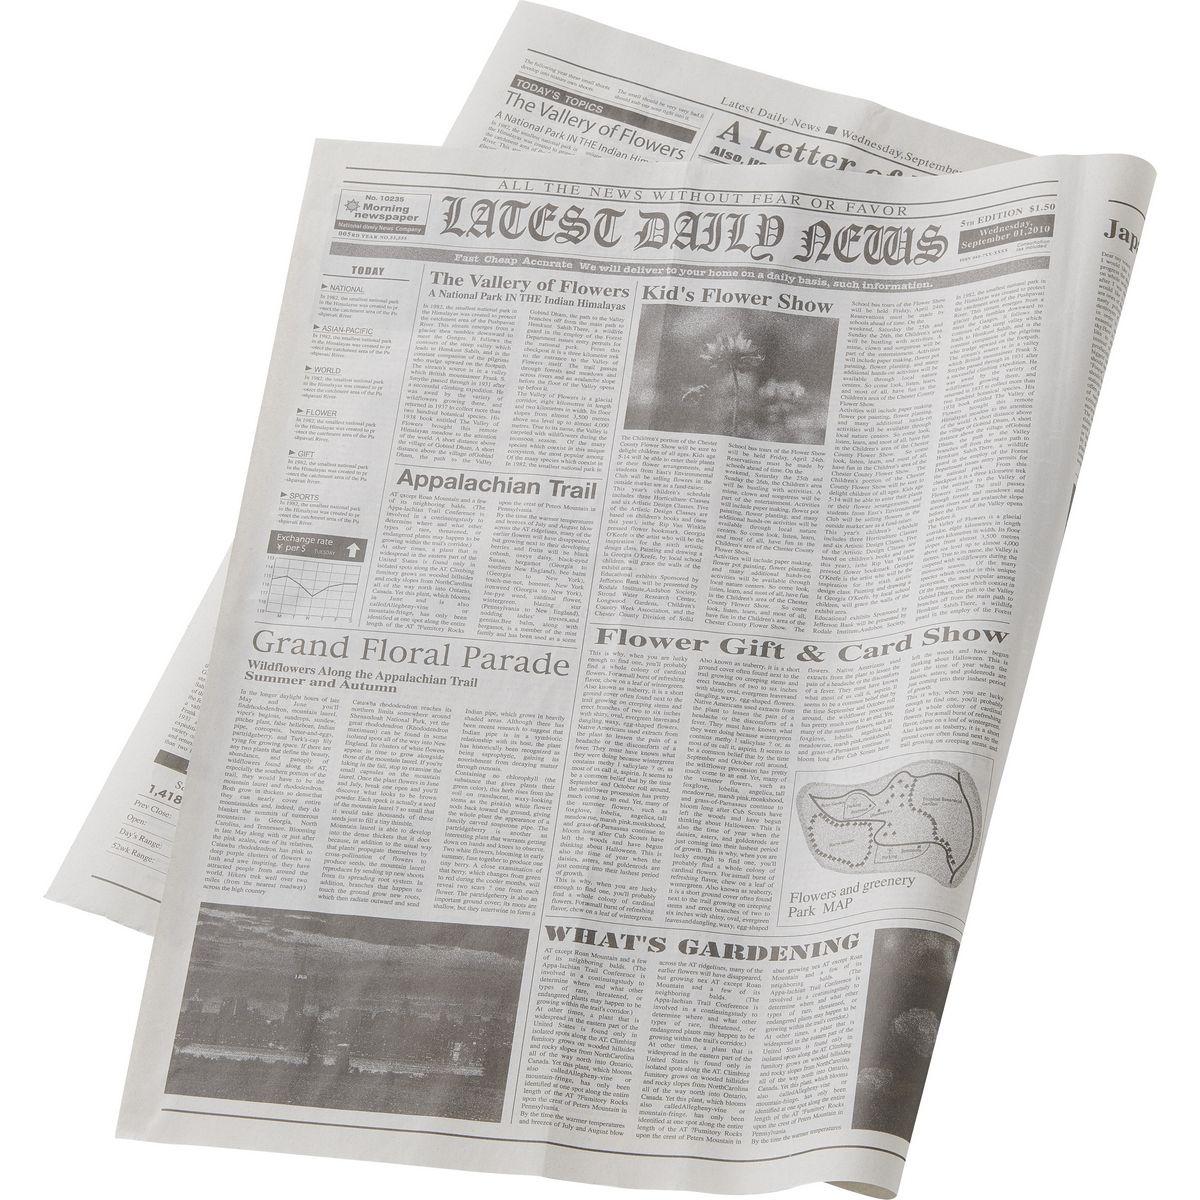 ラッピング用品 ・梱包資材 ラッピングペーパー(包装紙) 包装紙(平判) 手作り 材料 即日 英字新聞紙100イリ/160-7015-0ラッピング用品 ・梱包資材 ラッピングペーパー(包装紙) 包装紙(平判) 手作り 材料